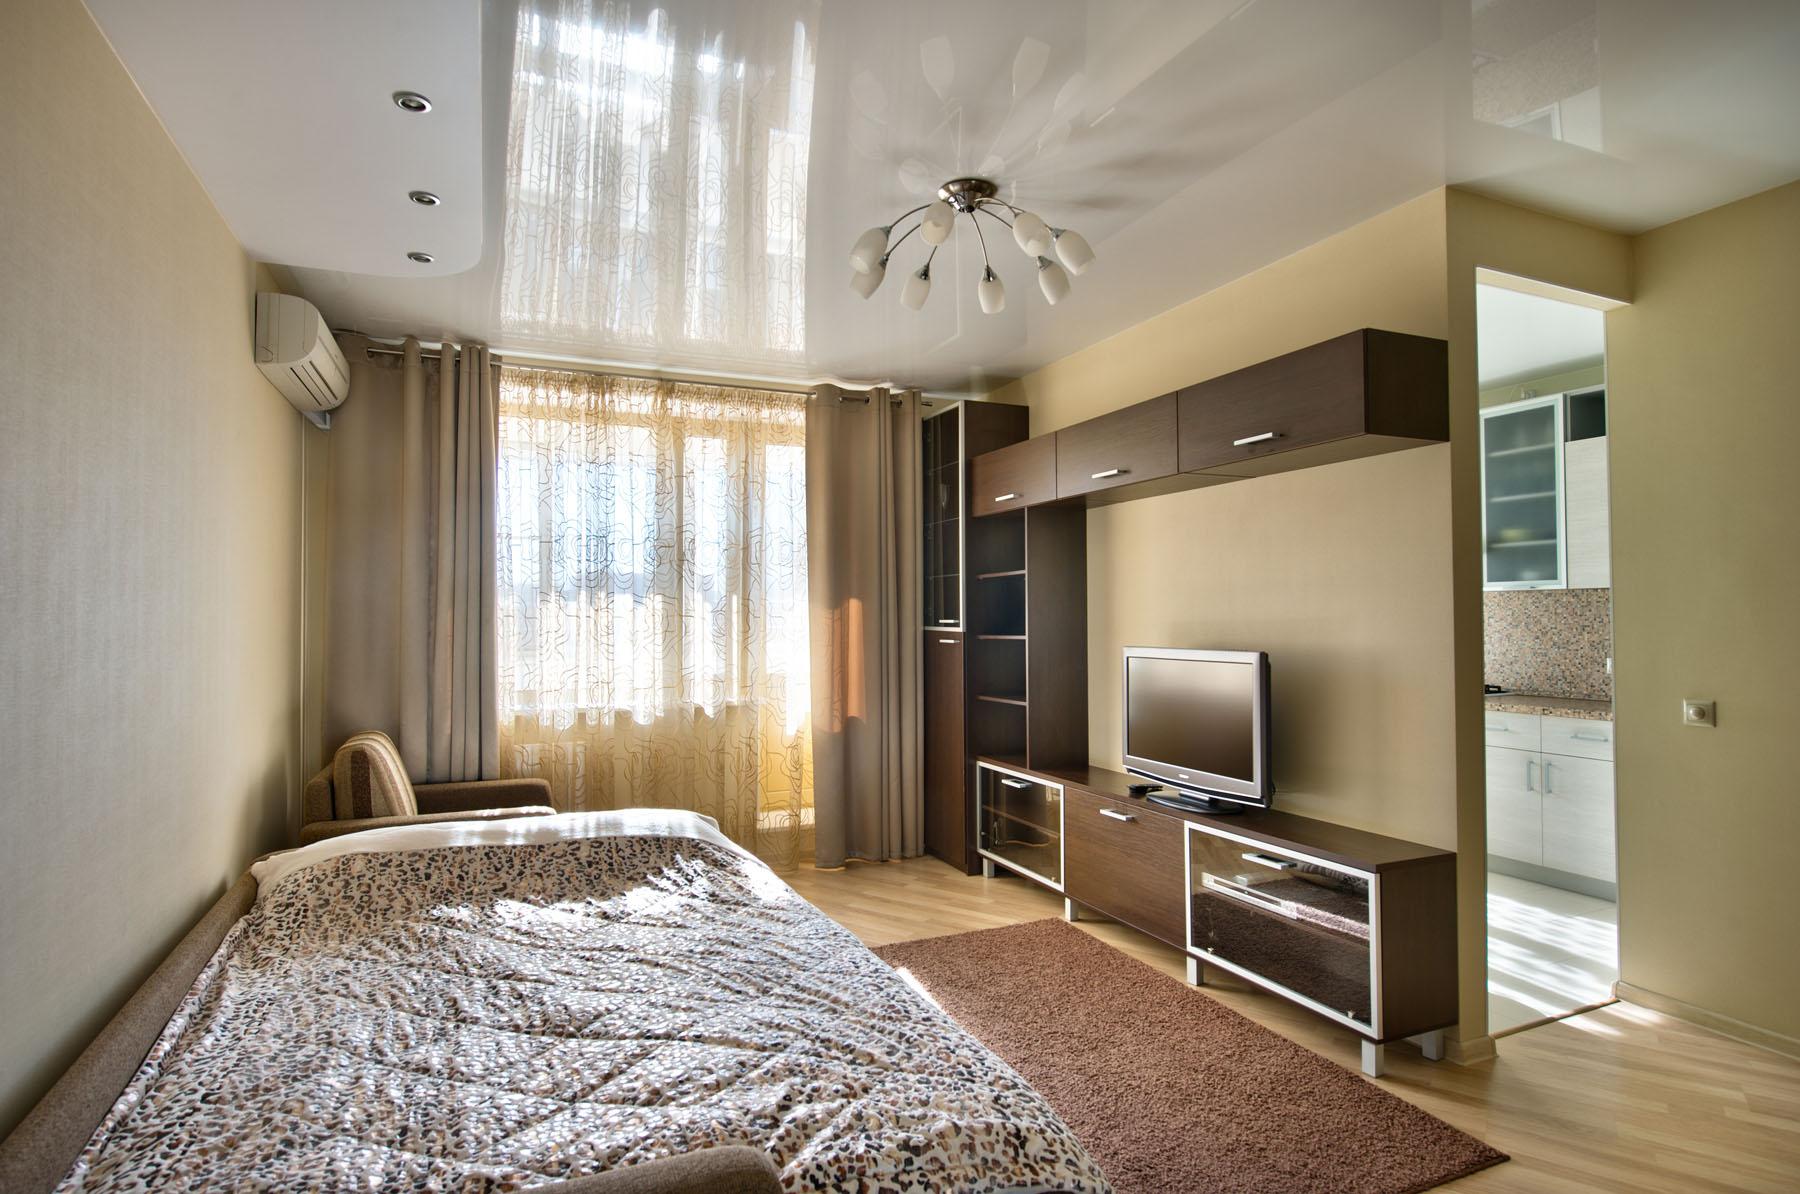 Дизайн двухкомнатной квартиры 100 54